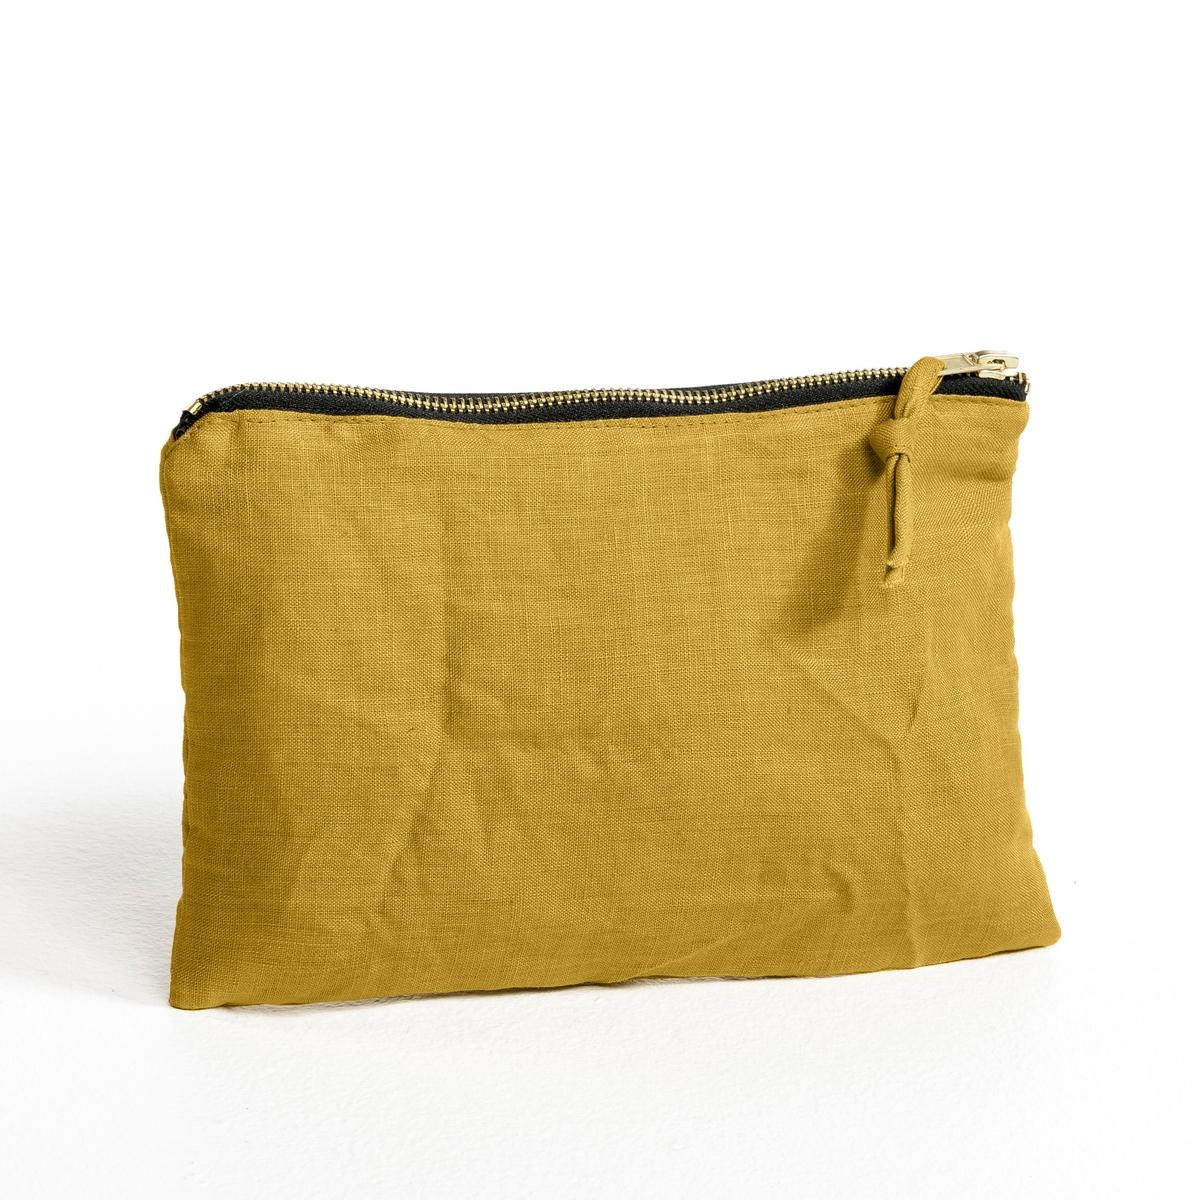 Клатч из стираного льна ElinaС логотипом бренда AM.PM   . (этикетка внутри).- Машинная стирка при 40 °С.<br><br>Цвет: антрацит,желтый карри,зеленый шалфей,серый